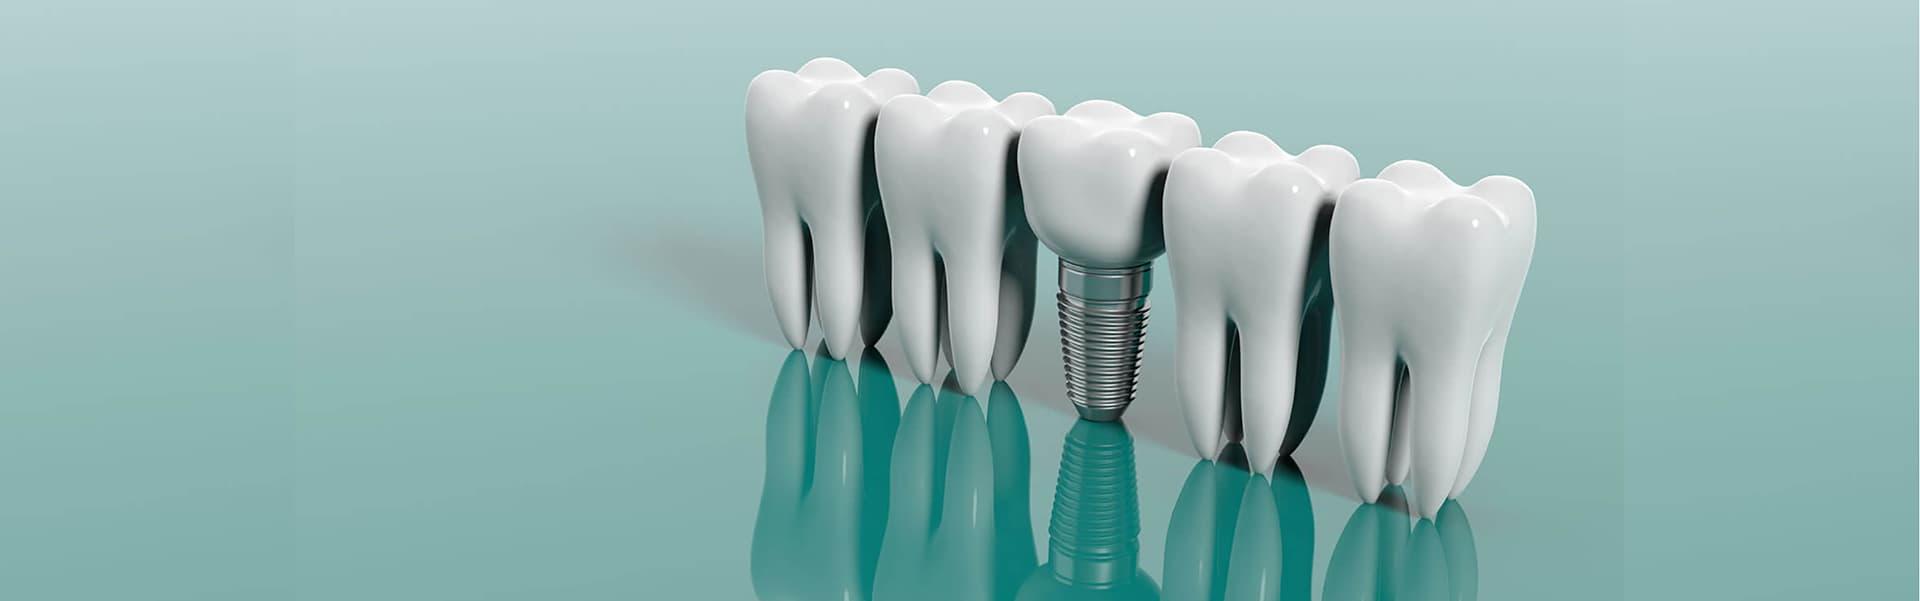 Имплантация зубов. Преимущества  и  недостатки фото